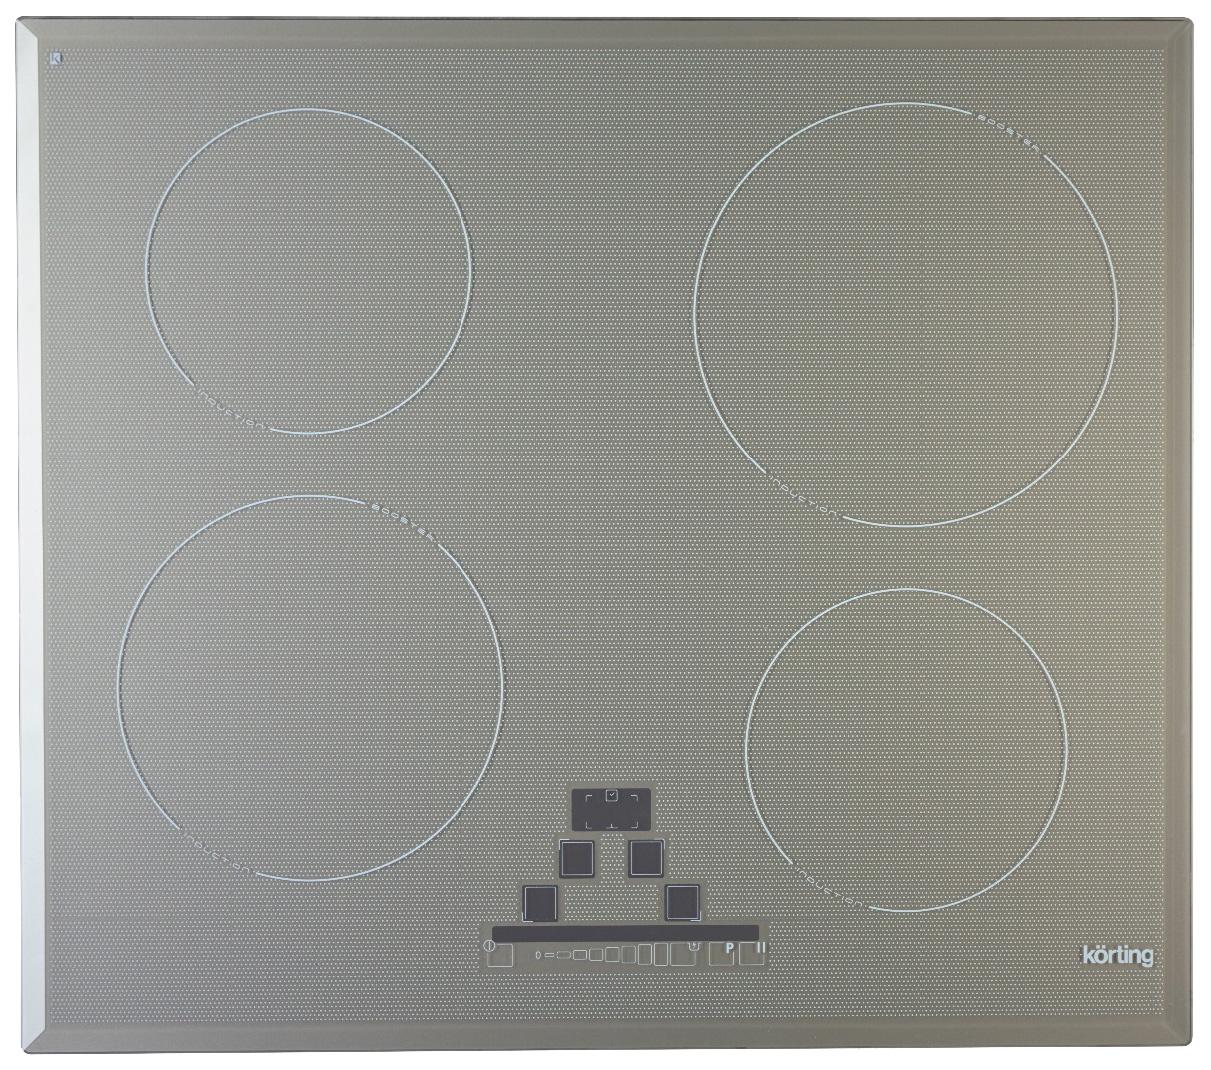 Встраиваемая варочная панель индукционная Korting HI 6450 B GR Grey Hi-Tech HI 6450 B GR